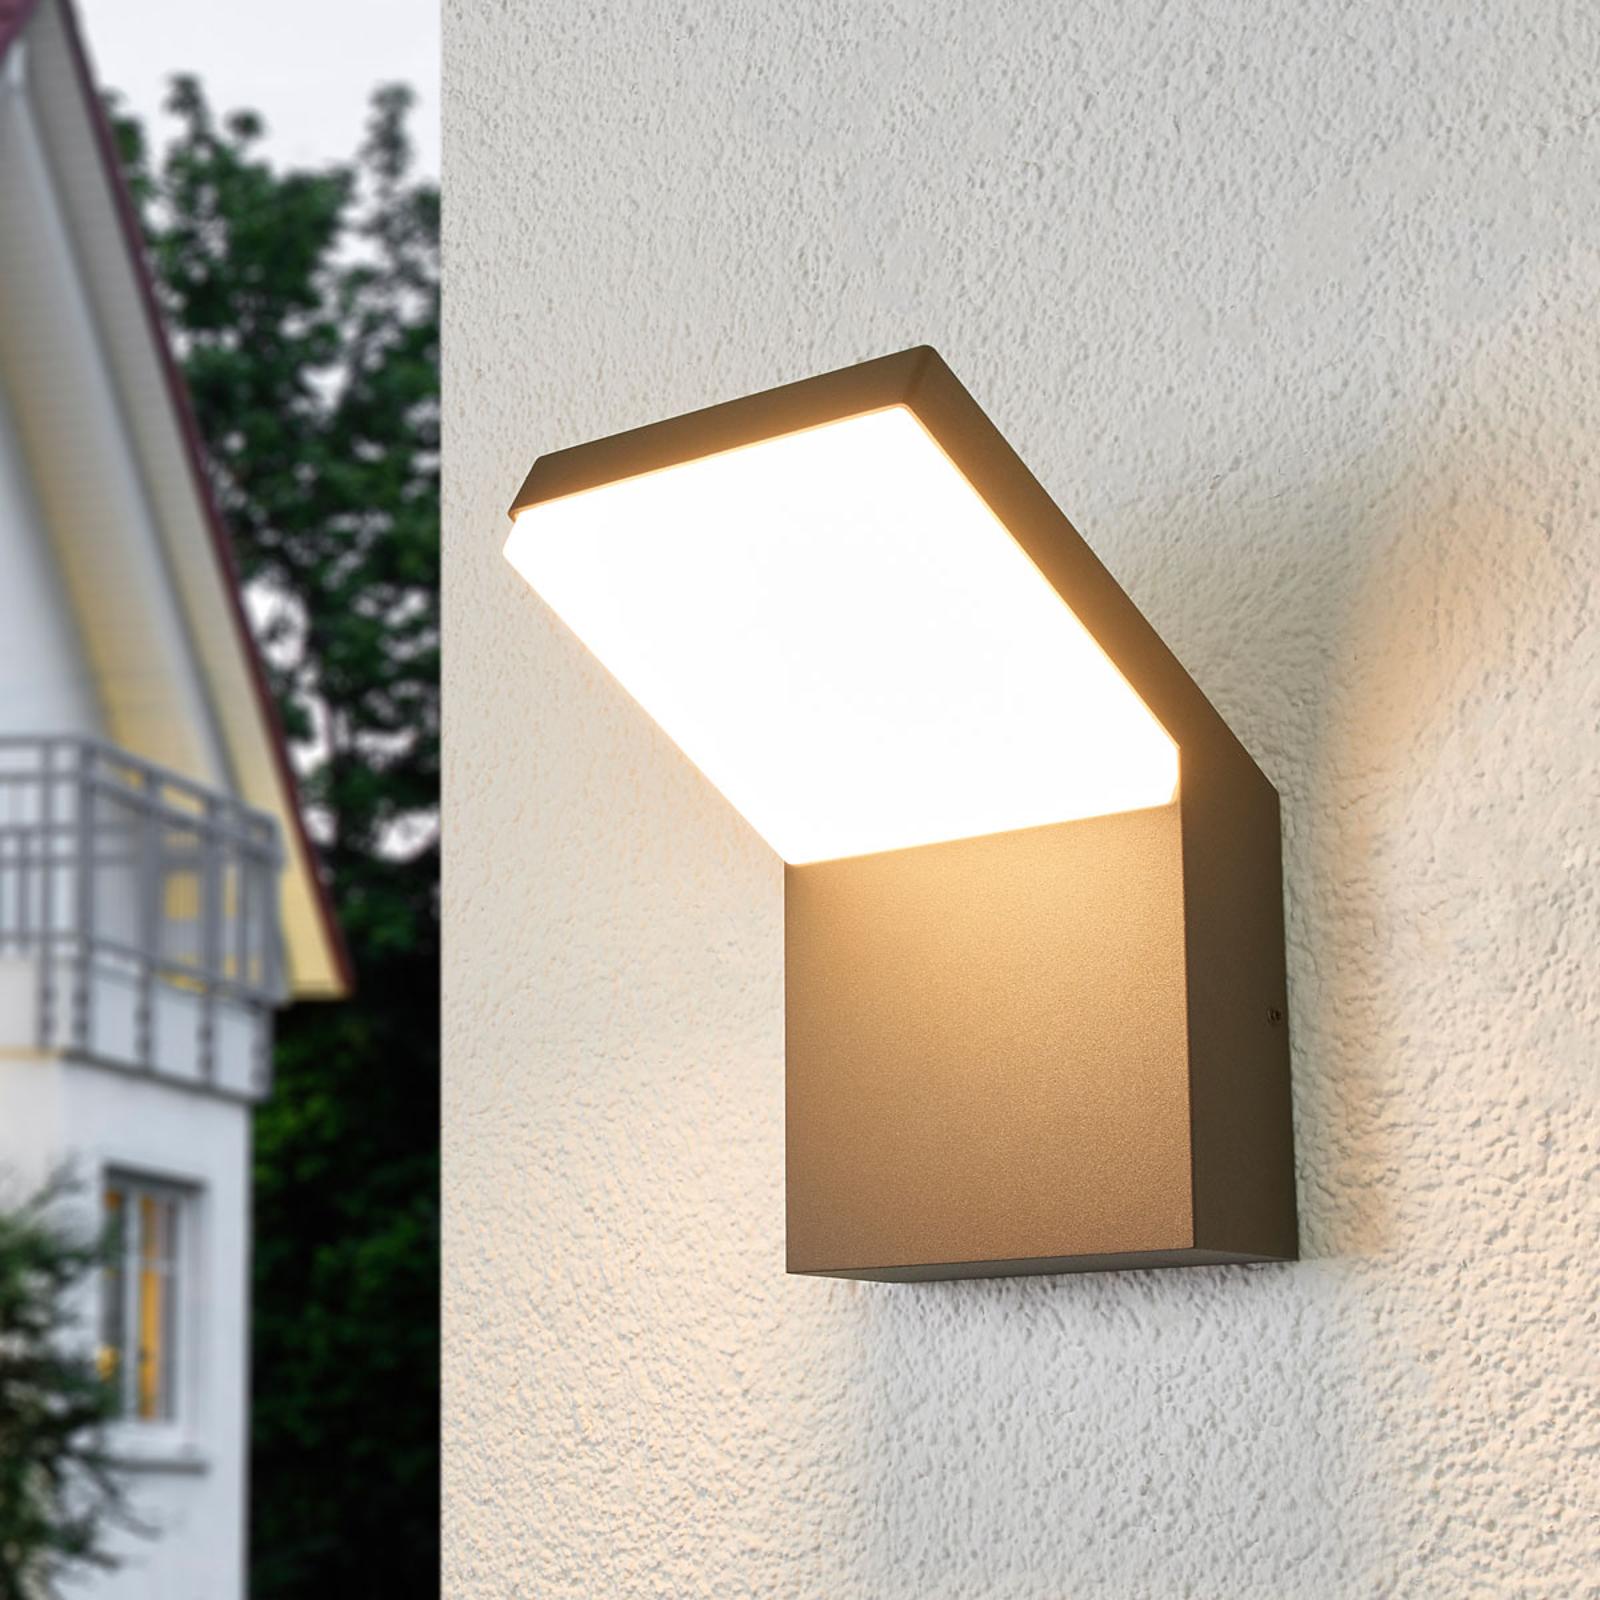 Applique LED da esterni Yolena, emissione in basso